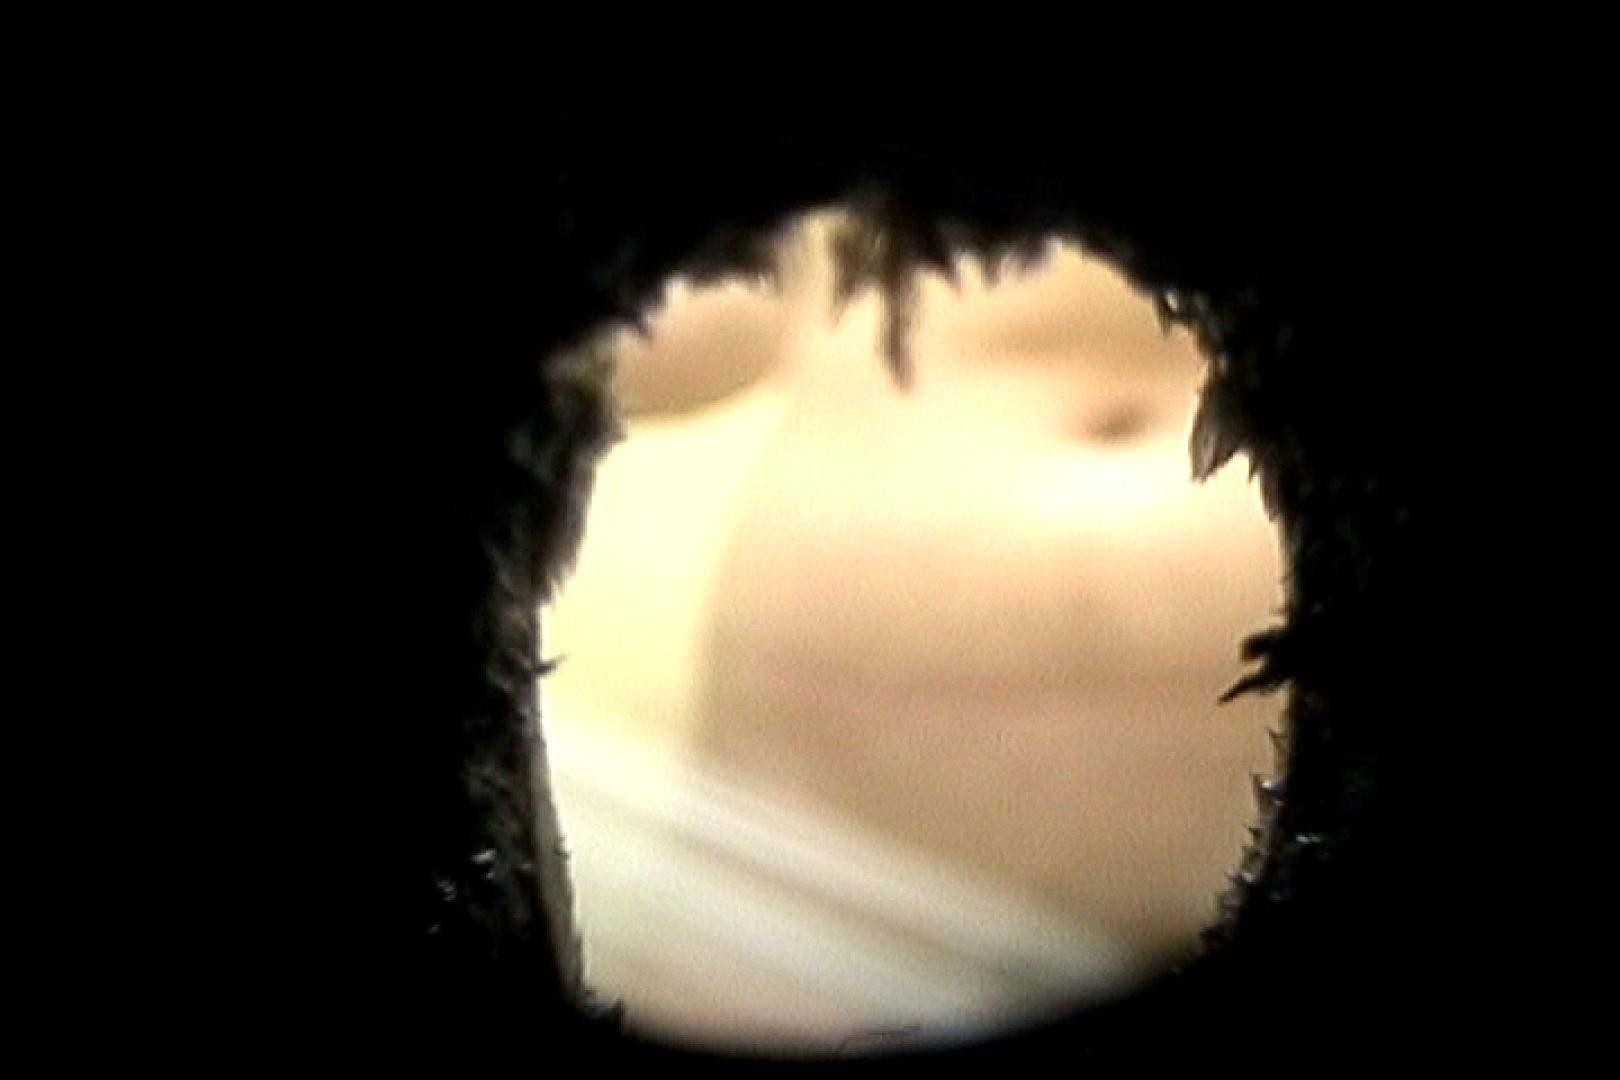 セックスアダルト動画|No.79ムッチお女市さん まんこ開いてシャワーを当ててます|怪盗ジョーカー